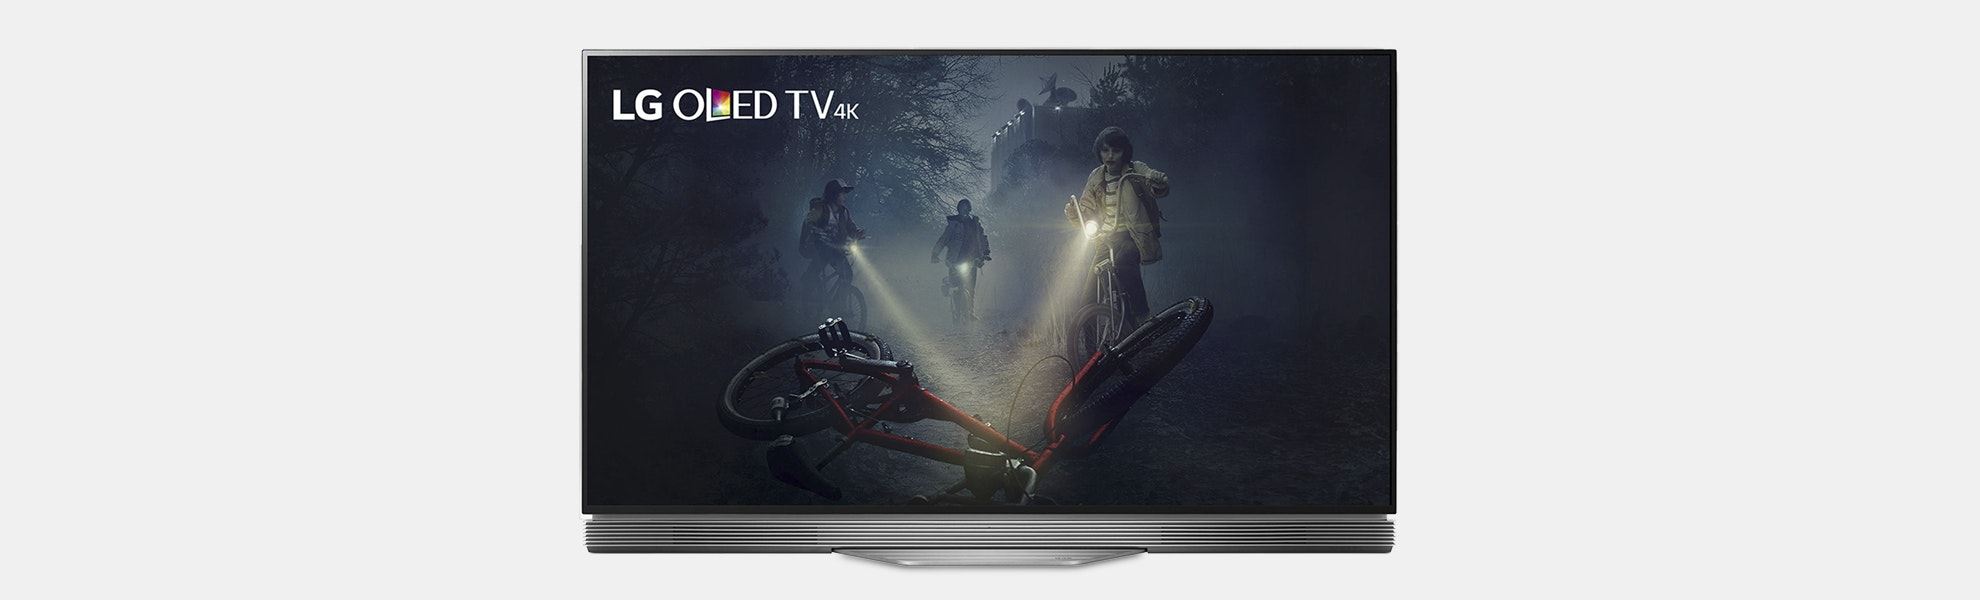 LG E7P OLED 4K HDR Smart 65-Inch TV